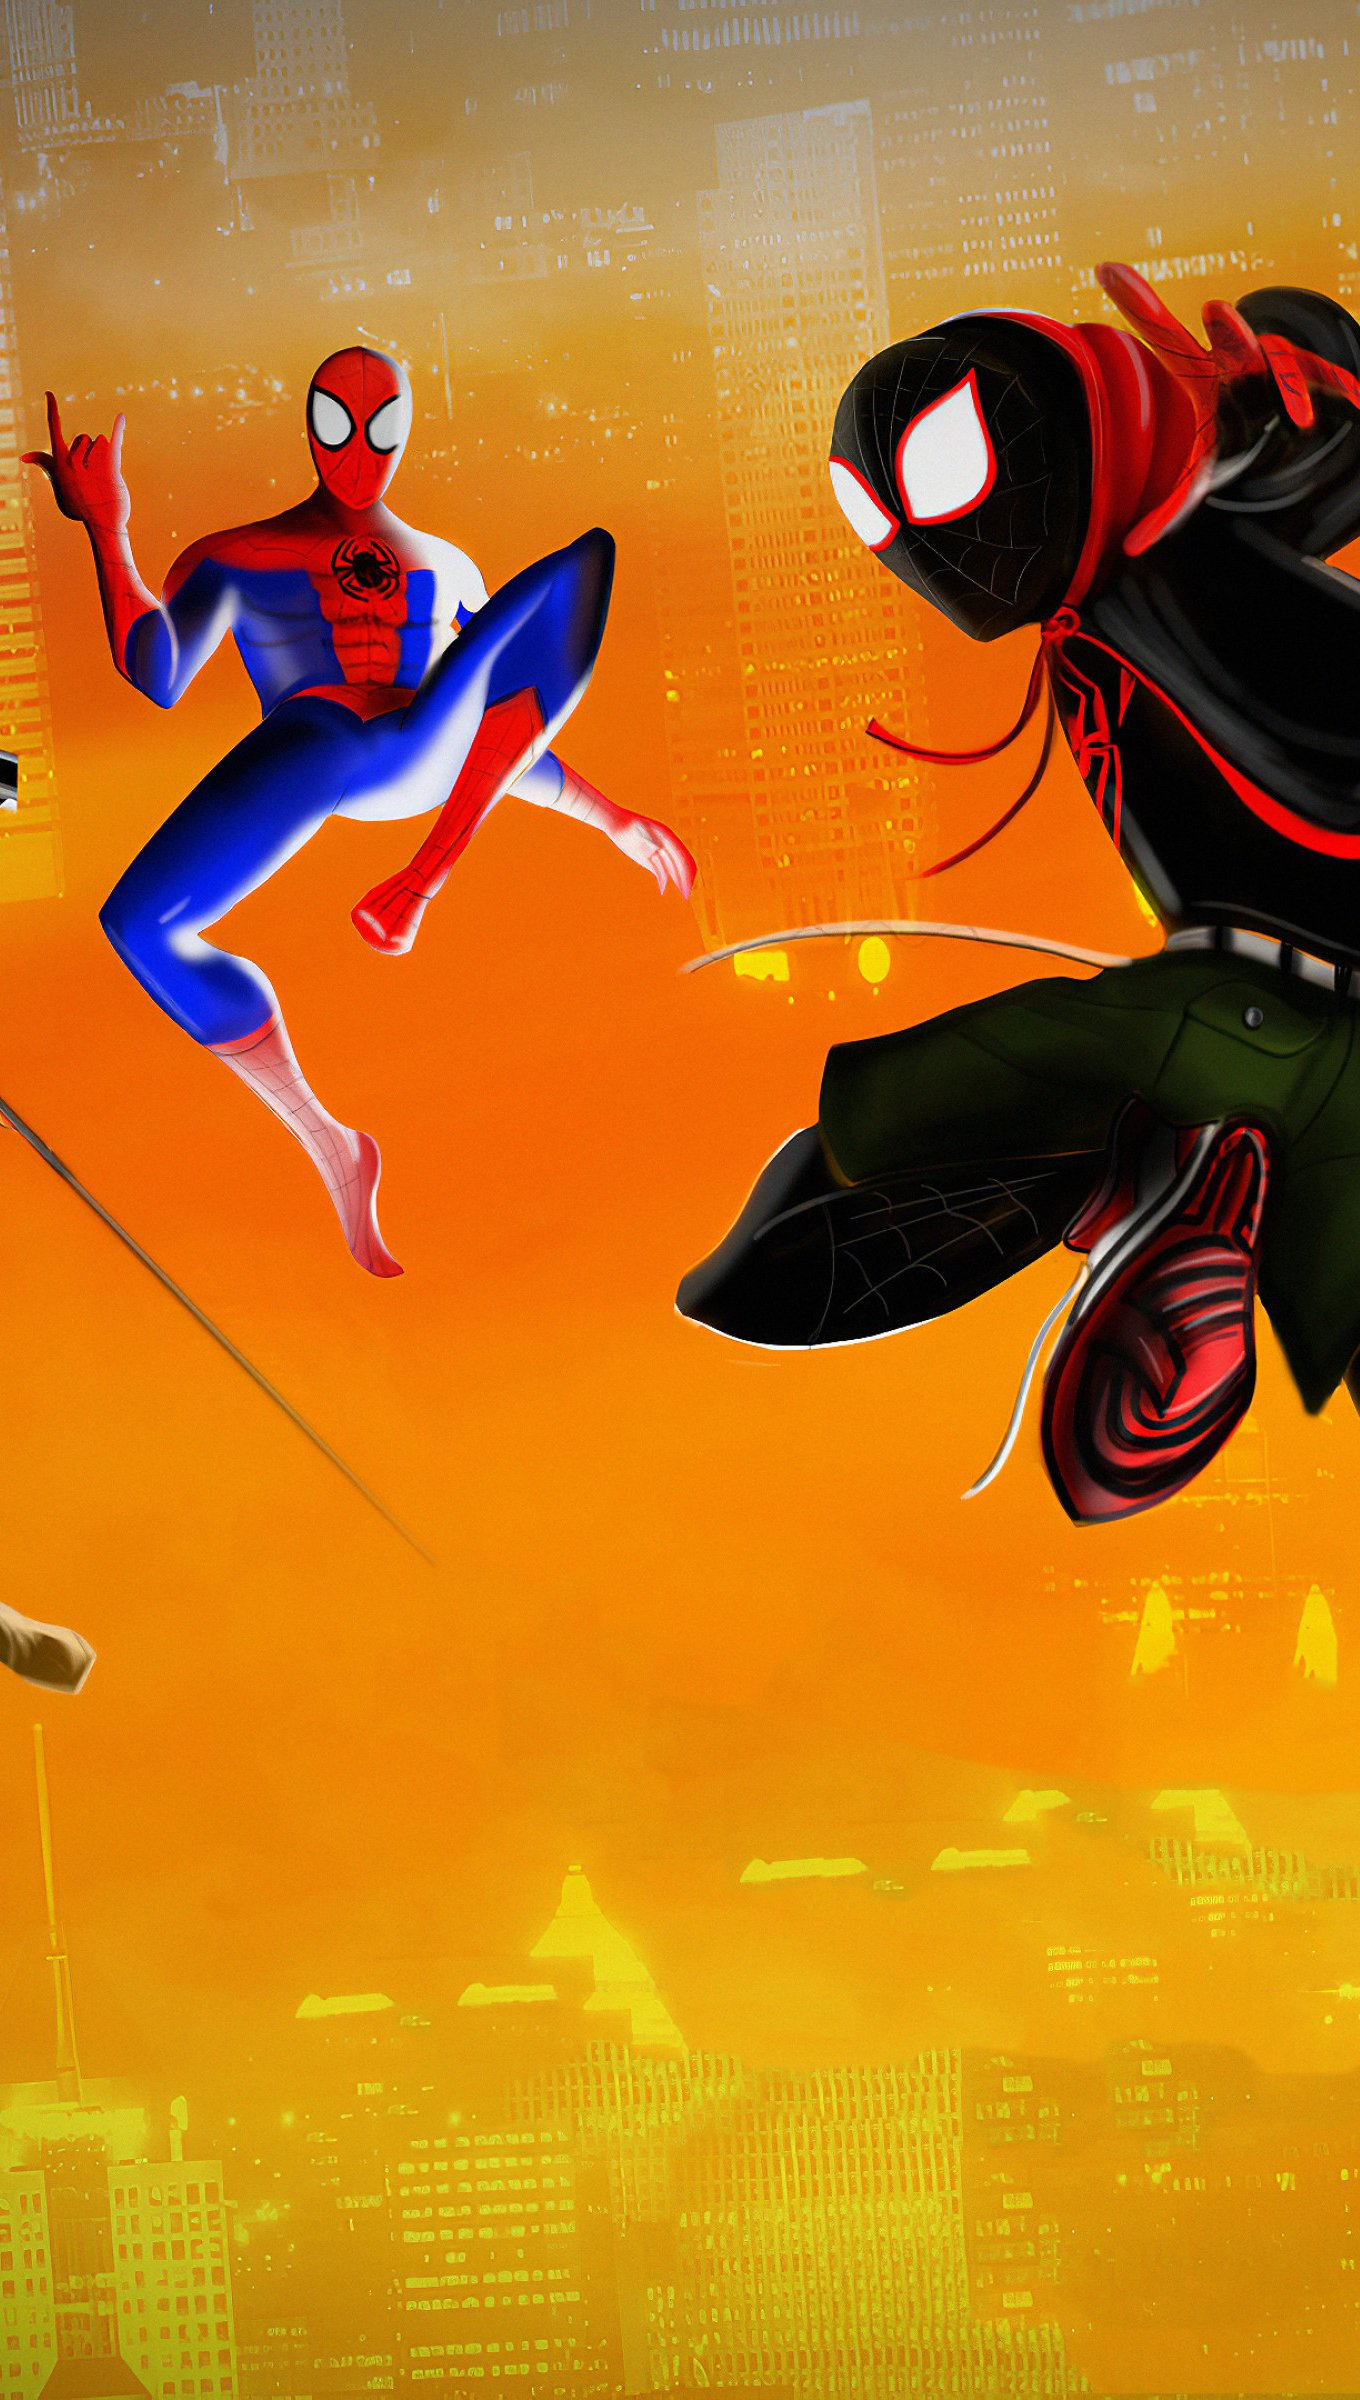 Fondos de pantalla Spidermans brincando de Un nuevo universo Vertical